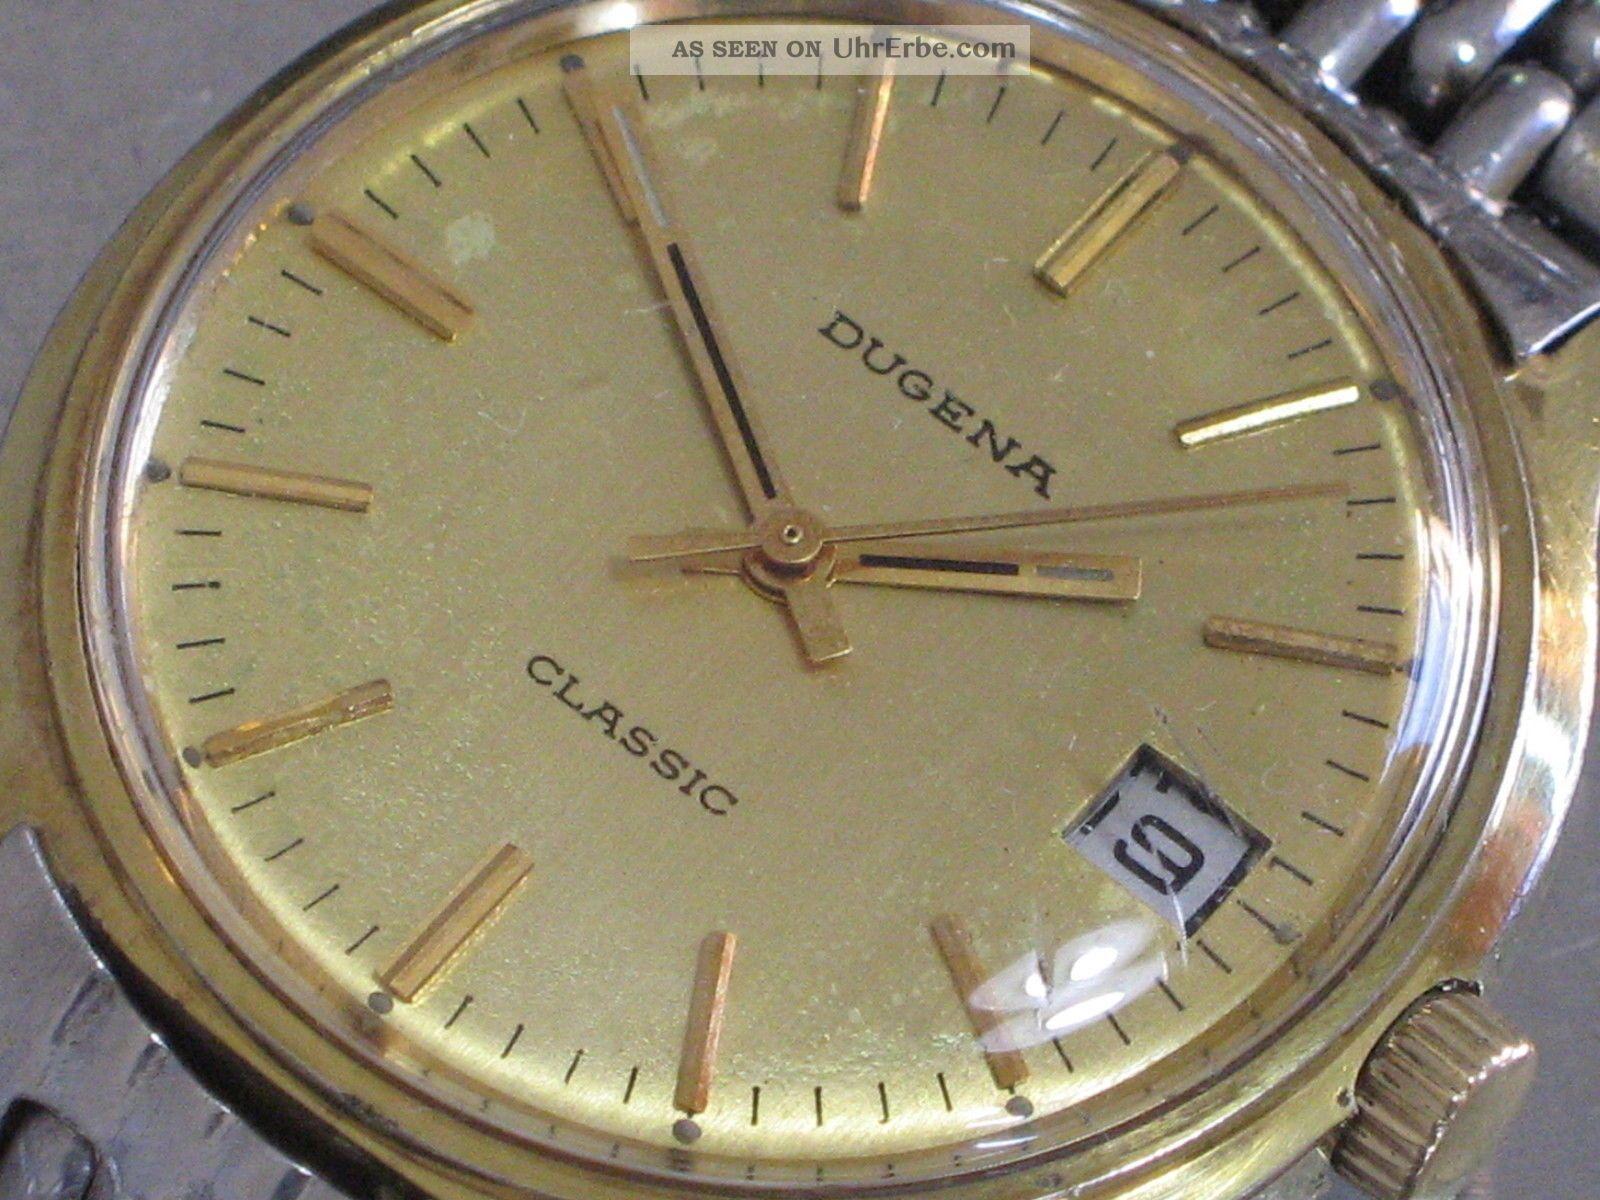 Dugena Classic Mech.  Herren - Armbanduhr Datum Kal.  2116 Läuft Armbanduhren Bild